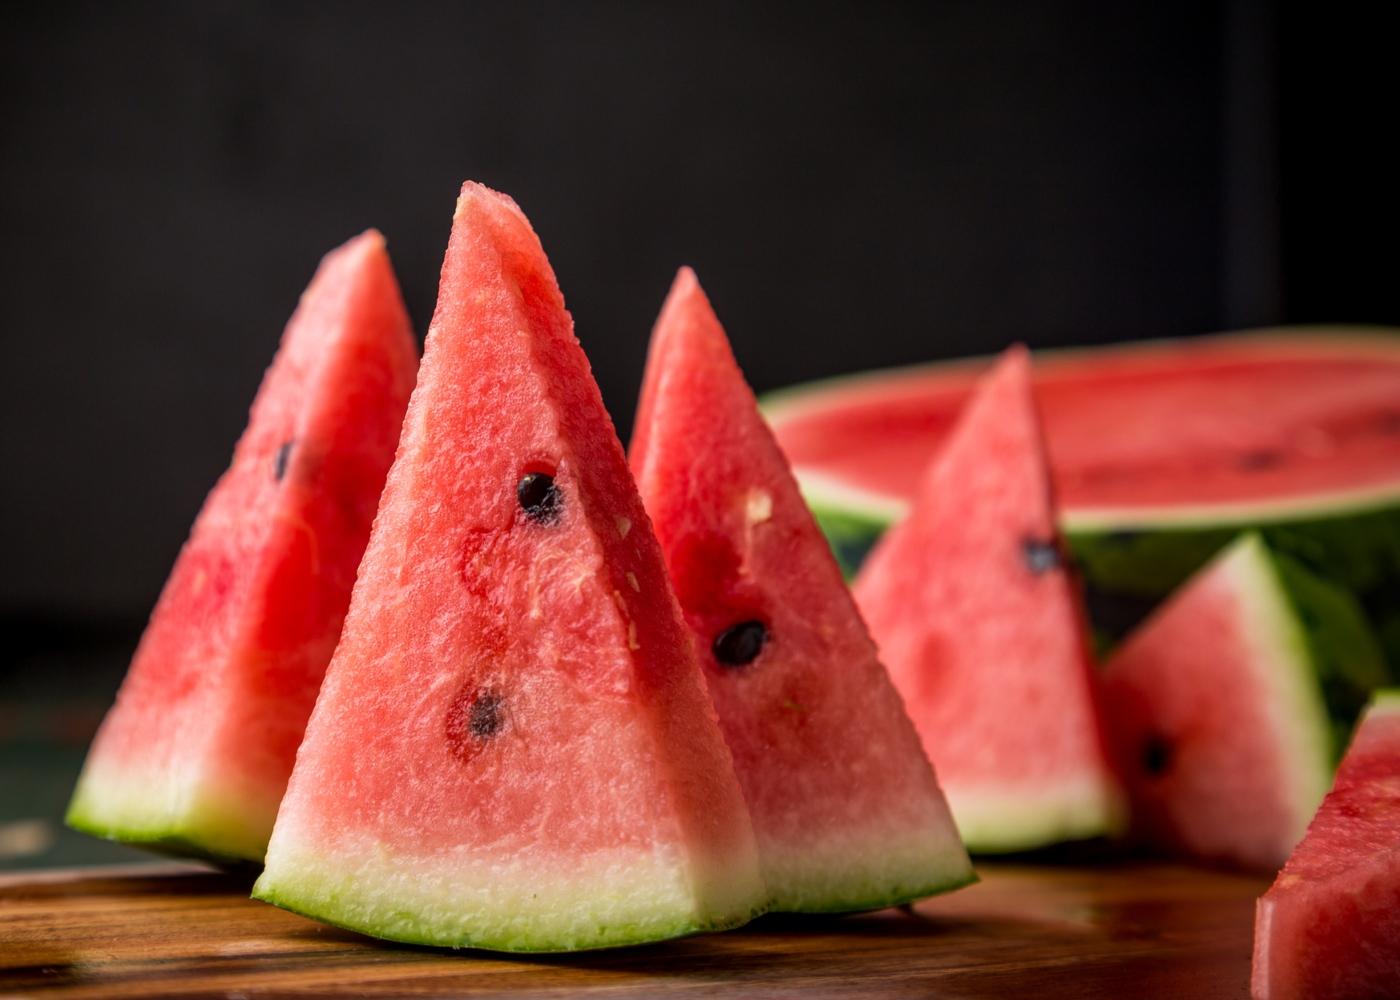 Coisas que não deve guardar no seu frigorífico: melancia